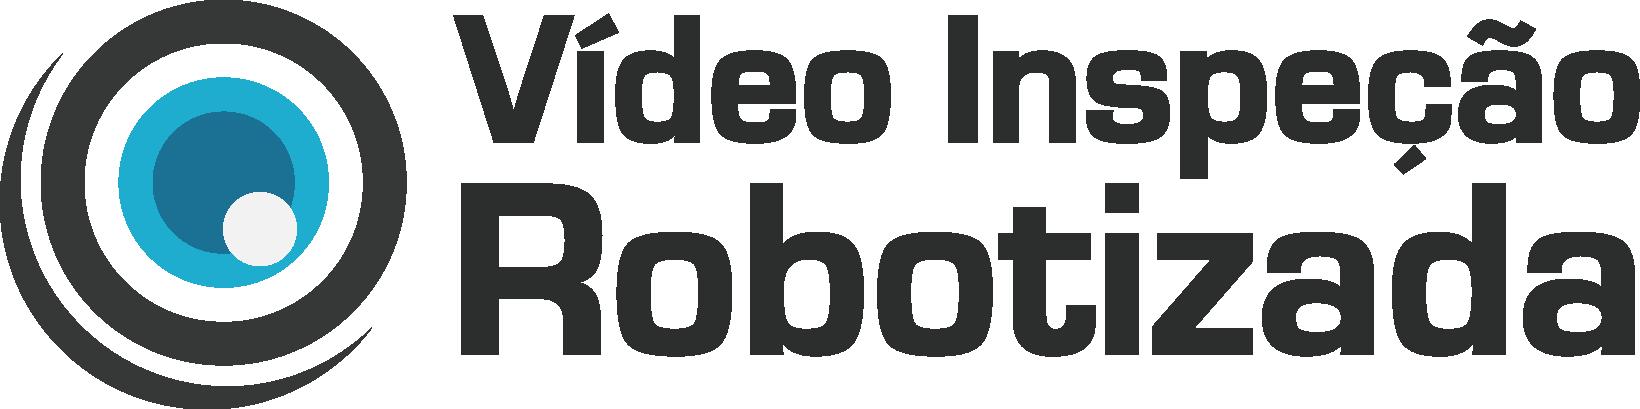 Vídeo Inspeção Robotizada (11) 3857-0597